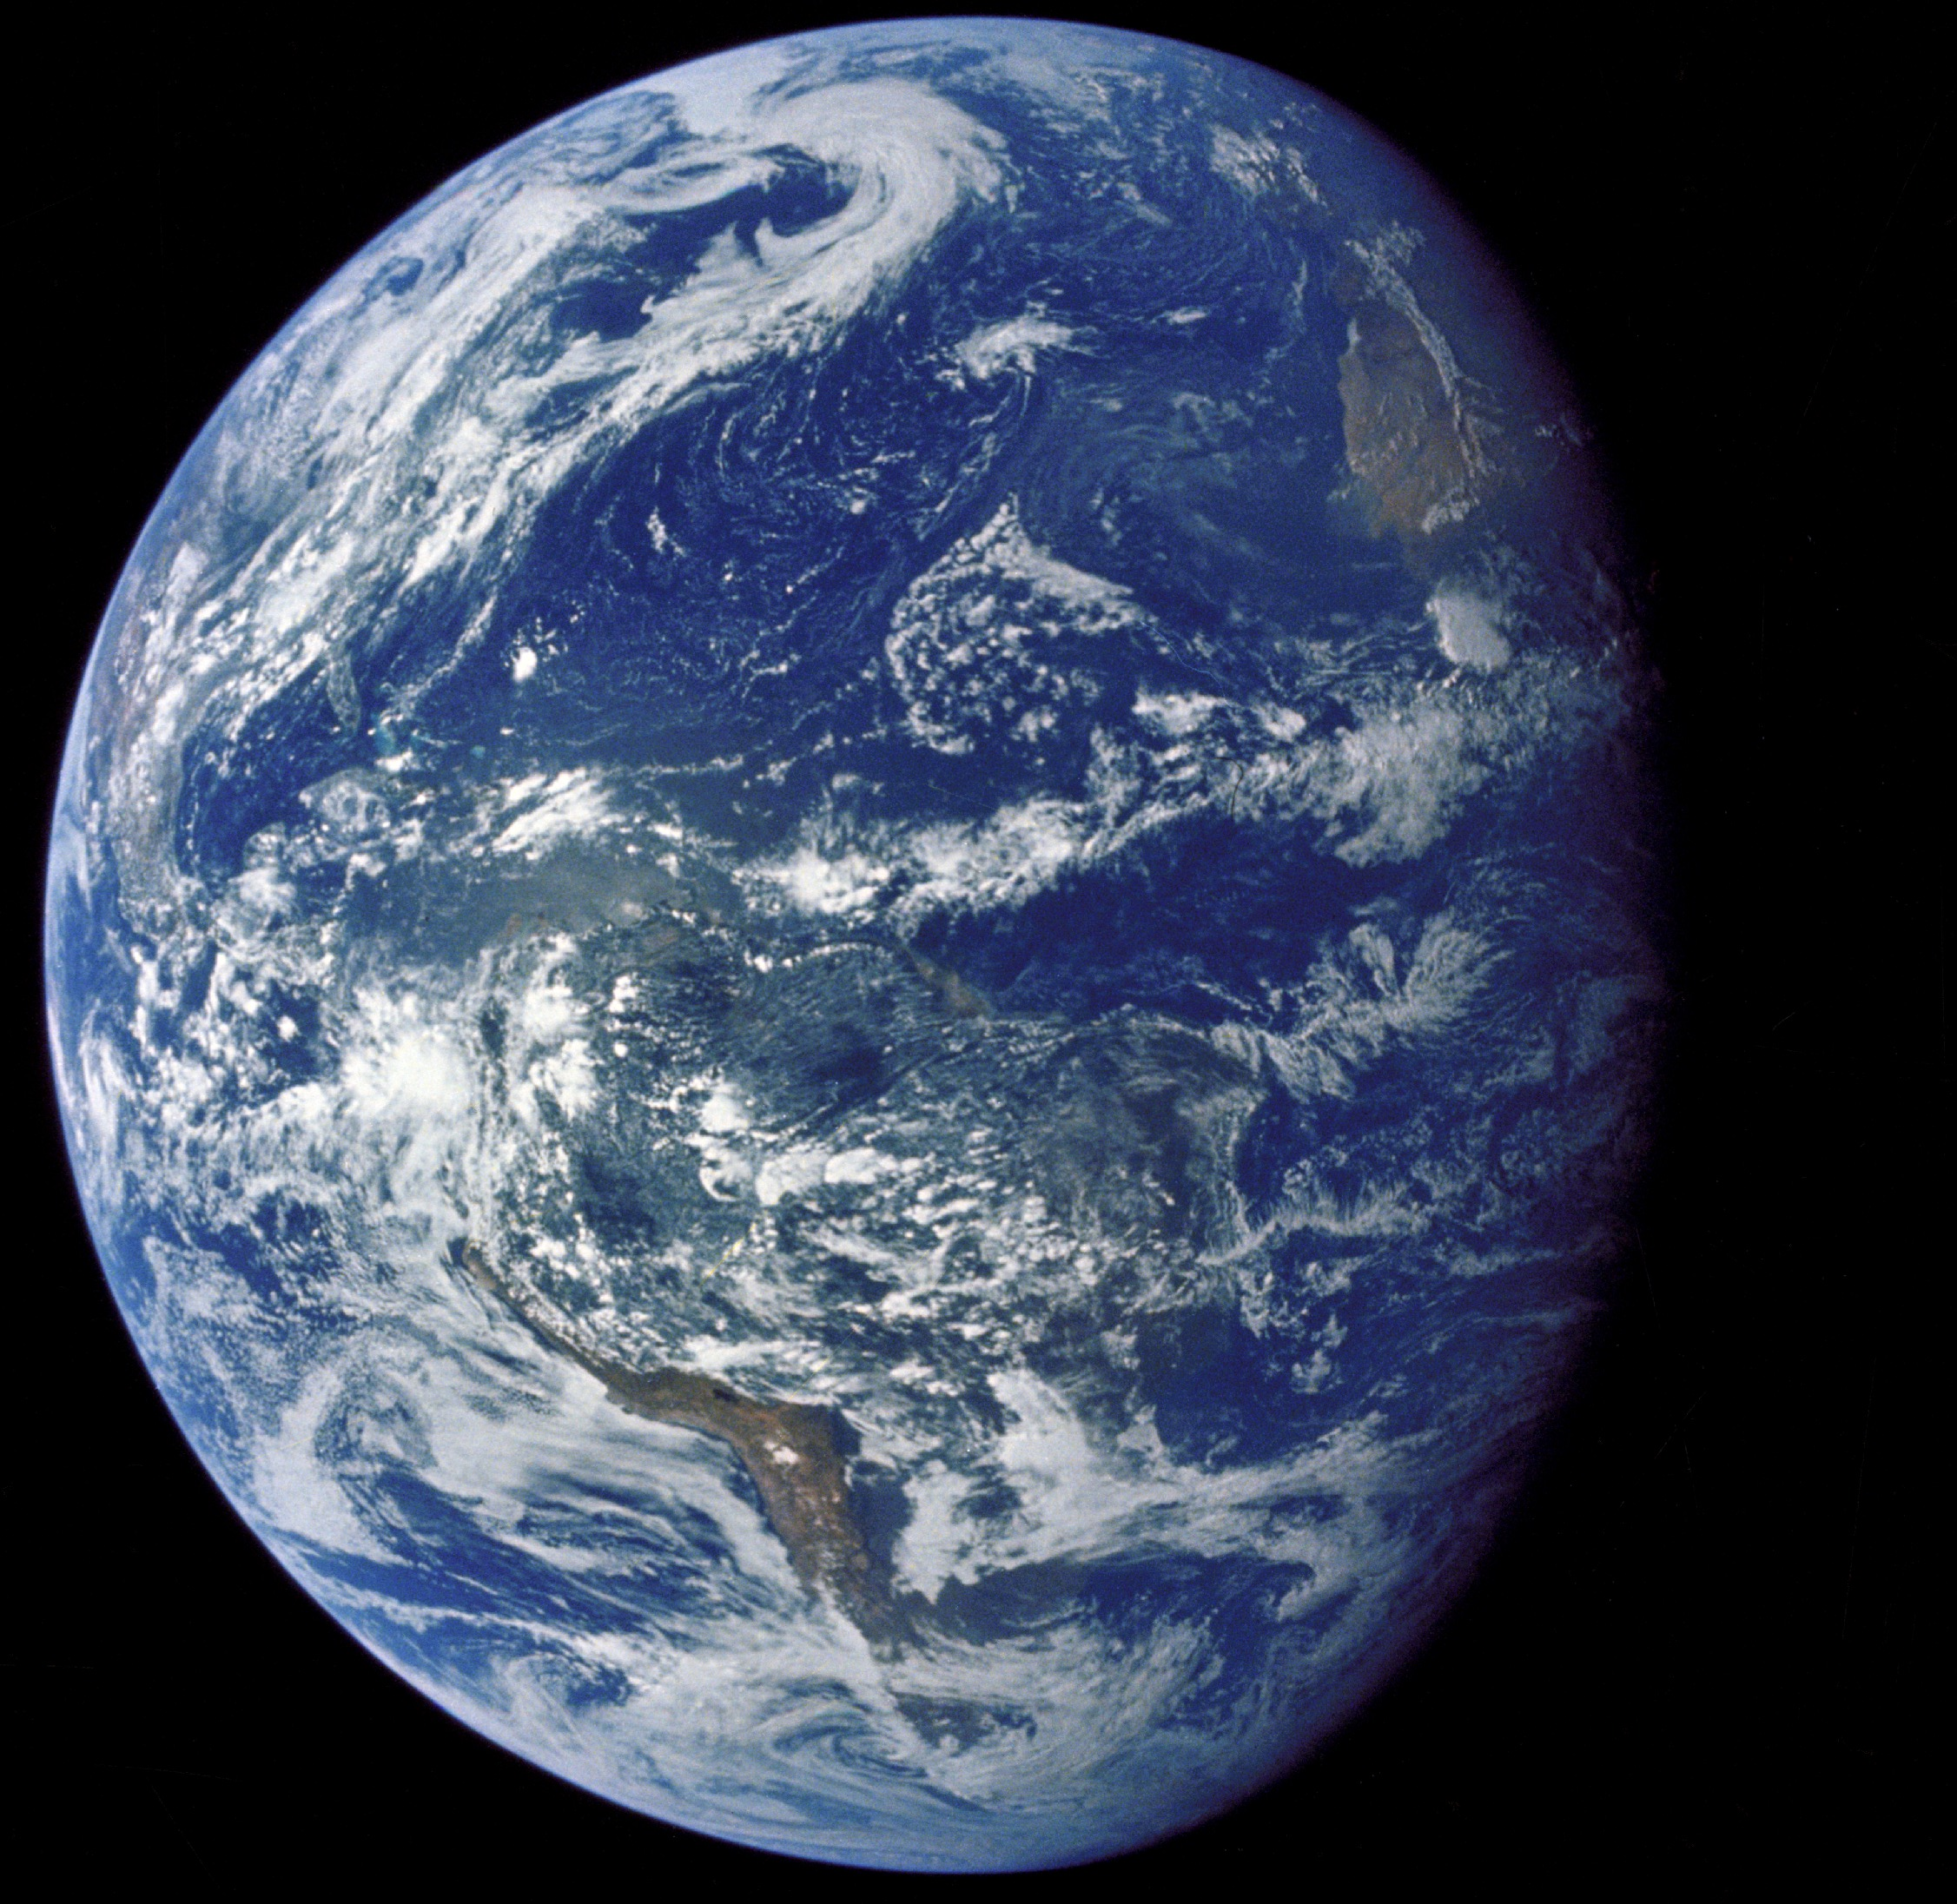 Solar For America >> File:Apollo 15 Earth1.jpg - Wikimedia Commons